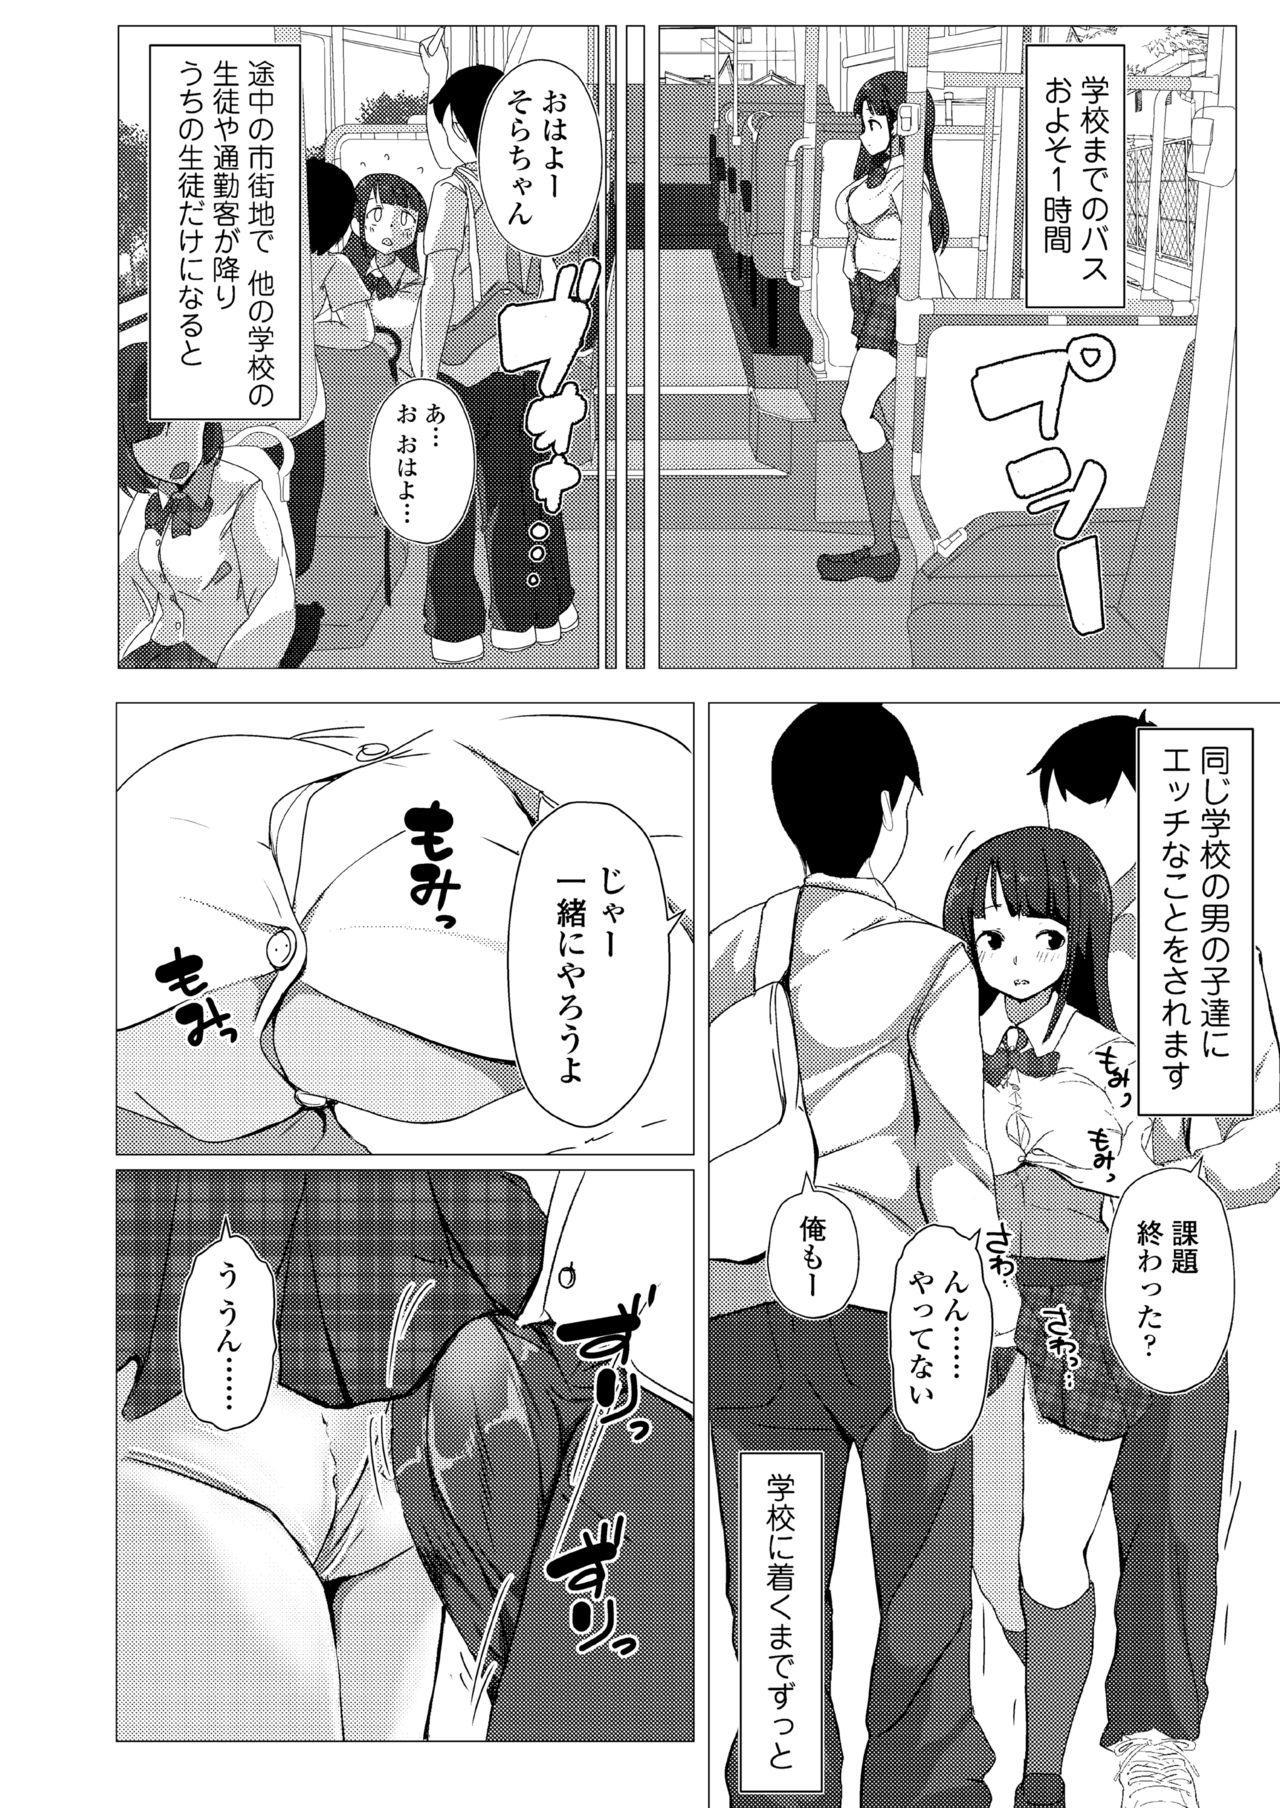 Kotowarenai Musume Ecchi na Karada de Oshiniyowai Seiyuu Shibou no Ko ga Free Sex Gakuen ni Nyuugaku Shichattara 3